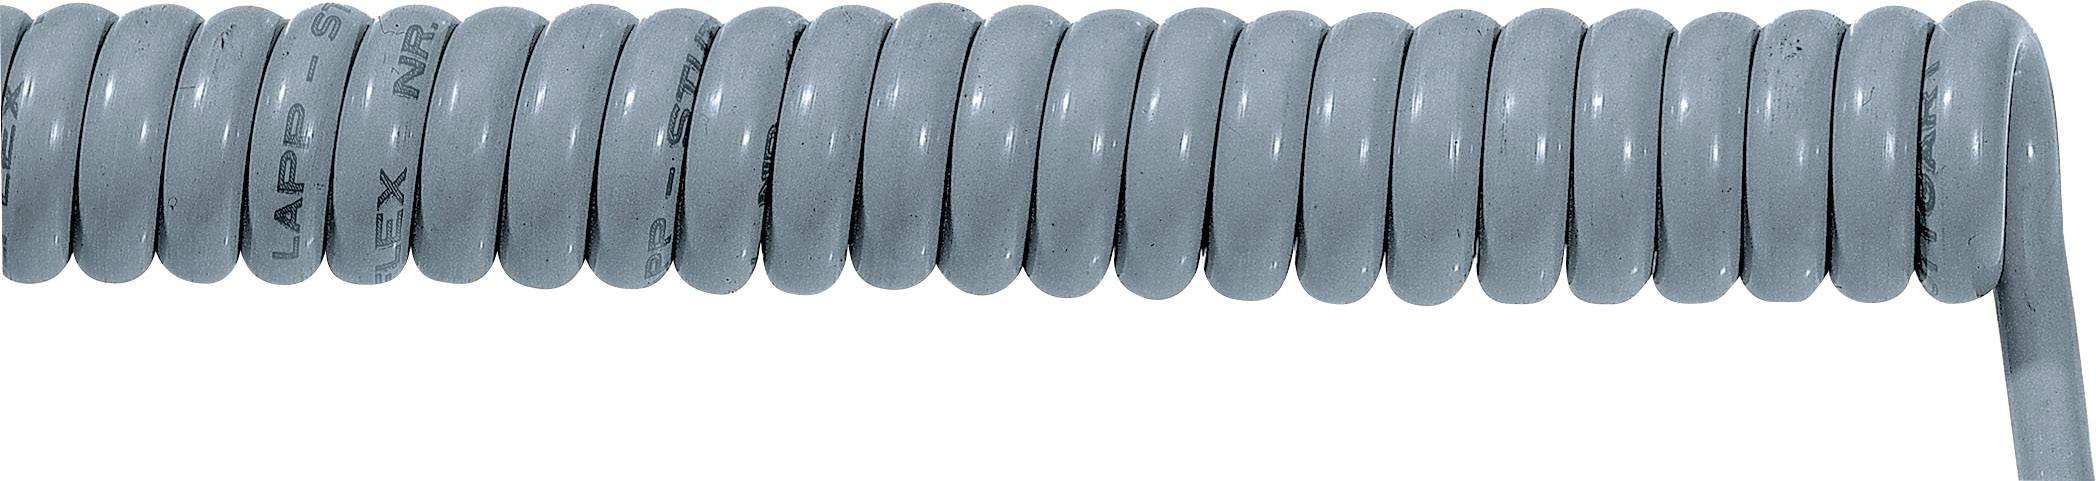 Špirálový kábel 70002640 ÖLFLEX® SPIRAL 400 P 5 x 0.75 mm², 500 mm / 1500 mm, sivá